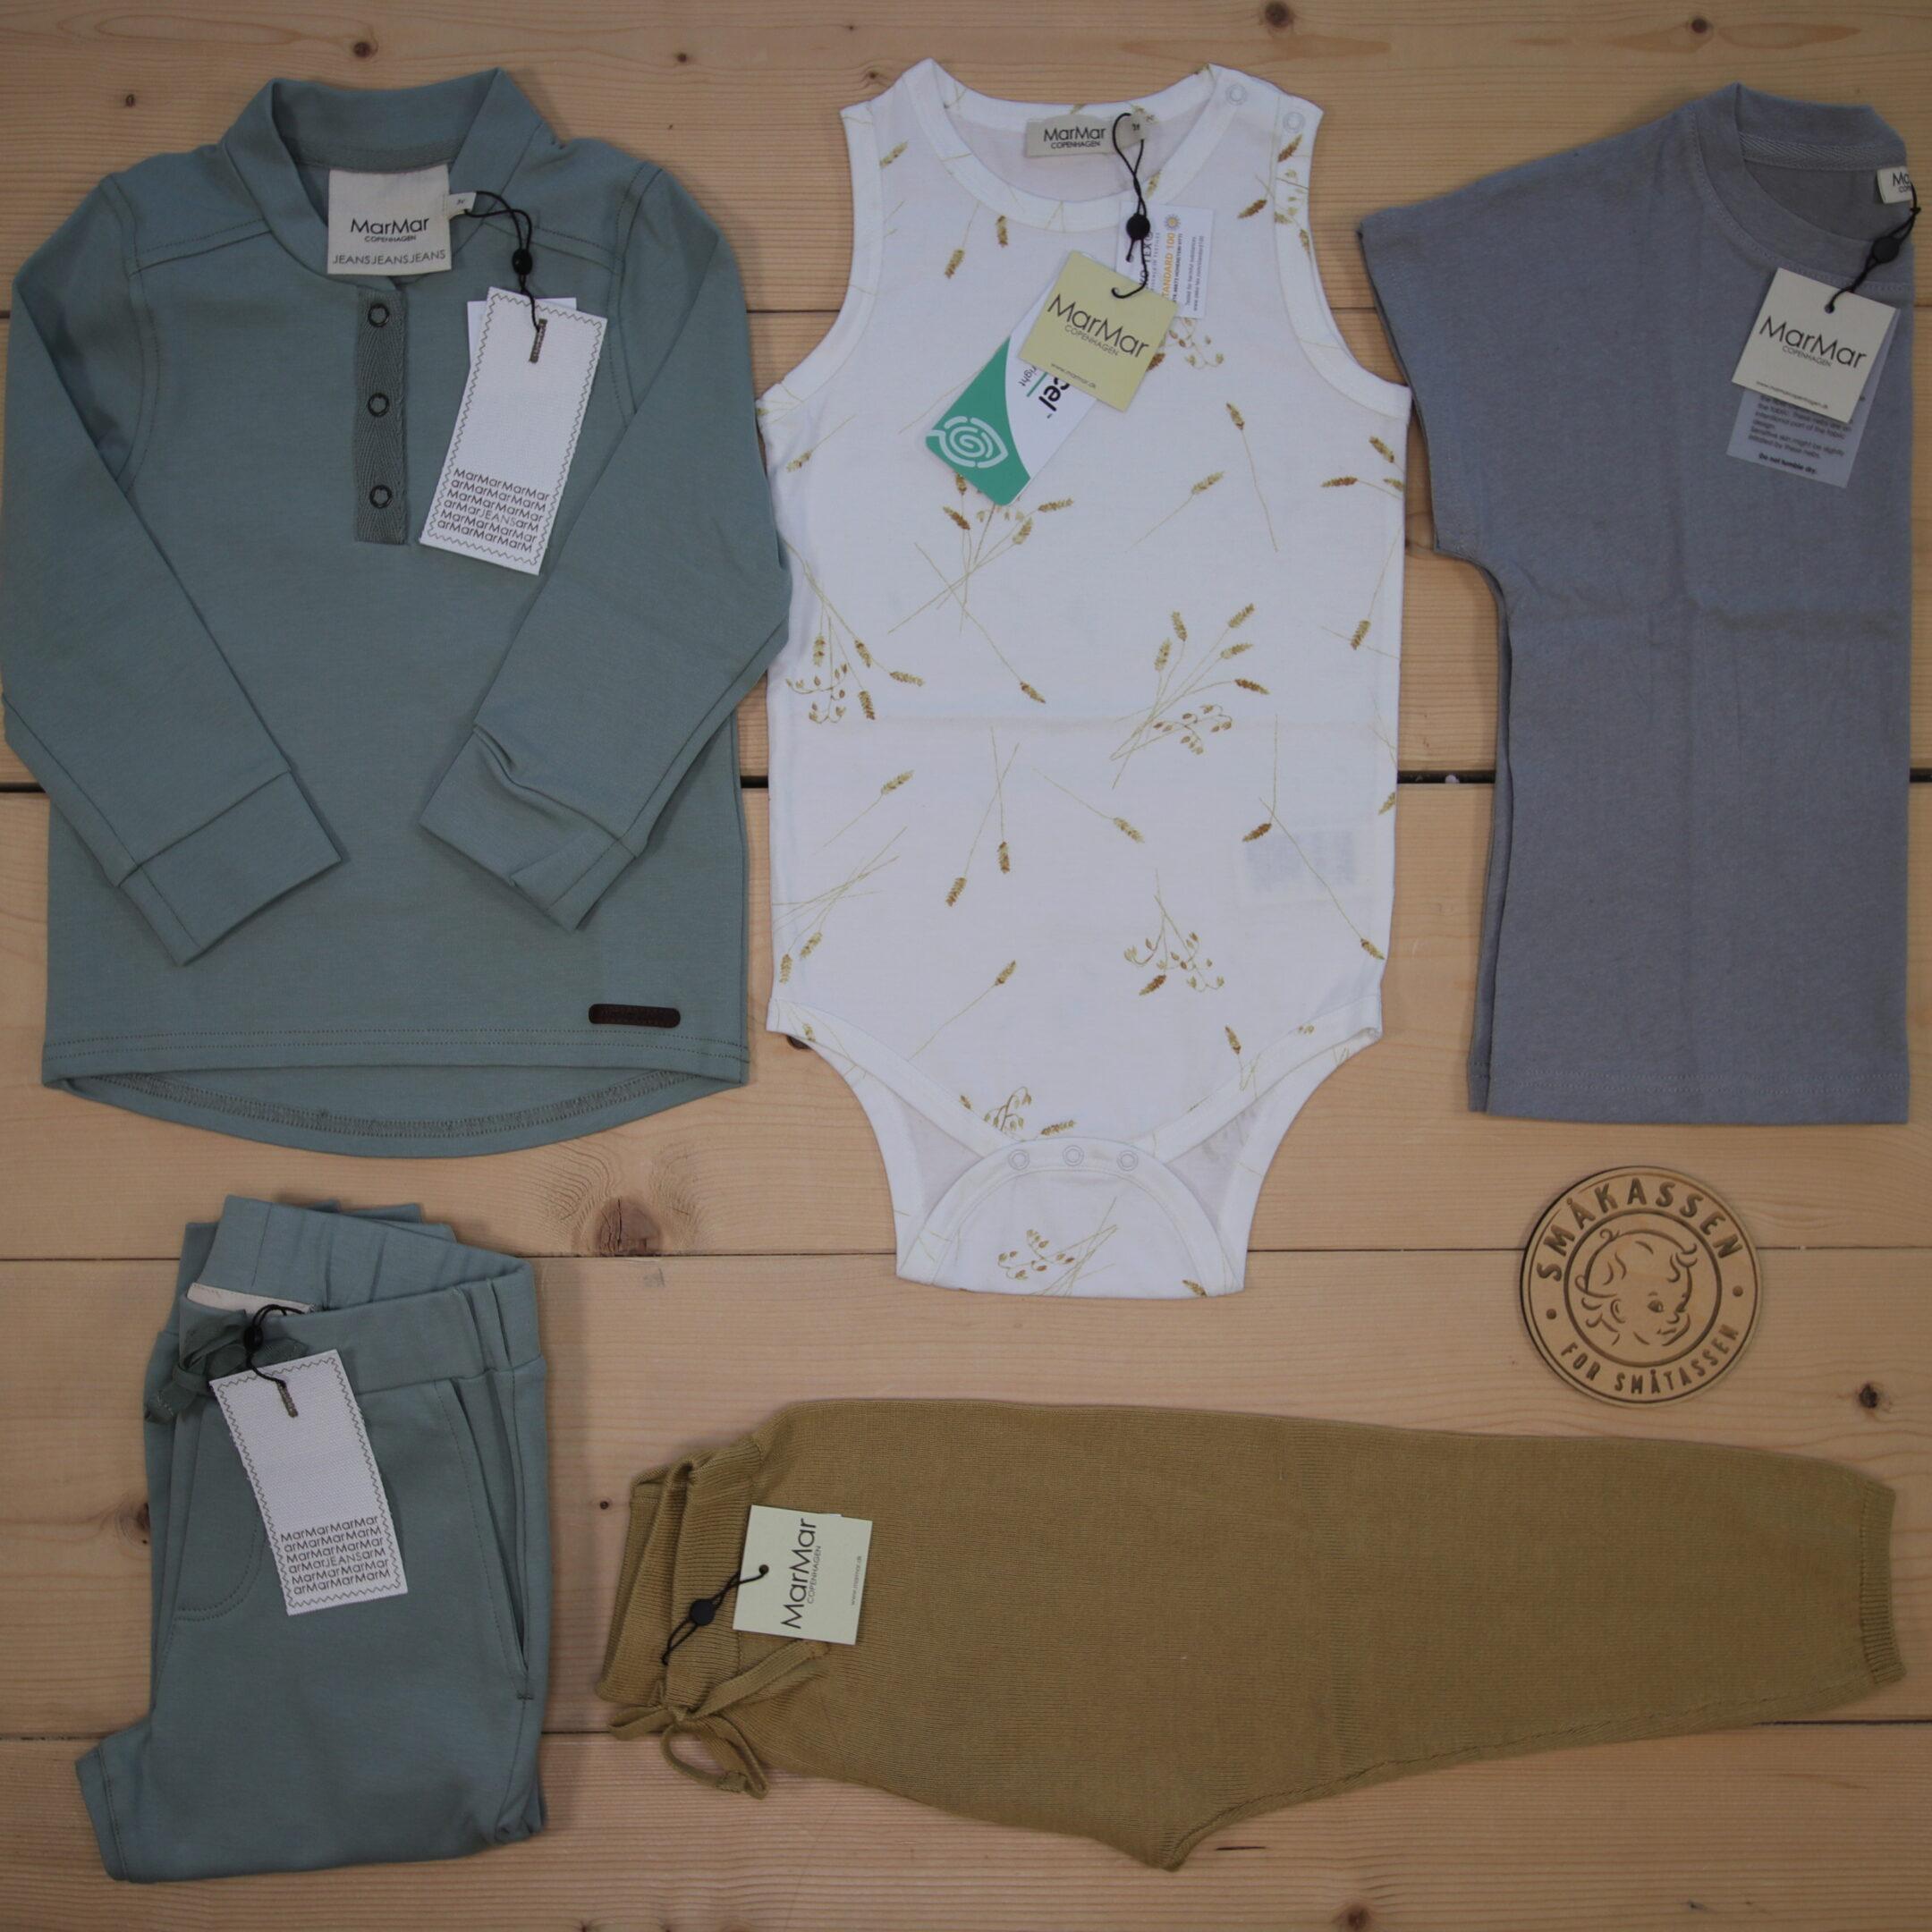 Dette er Småpakke som vi forberedte for en gutt i stilene cute og minimalistic